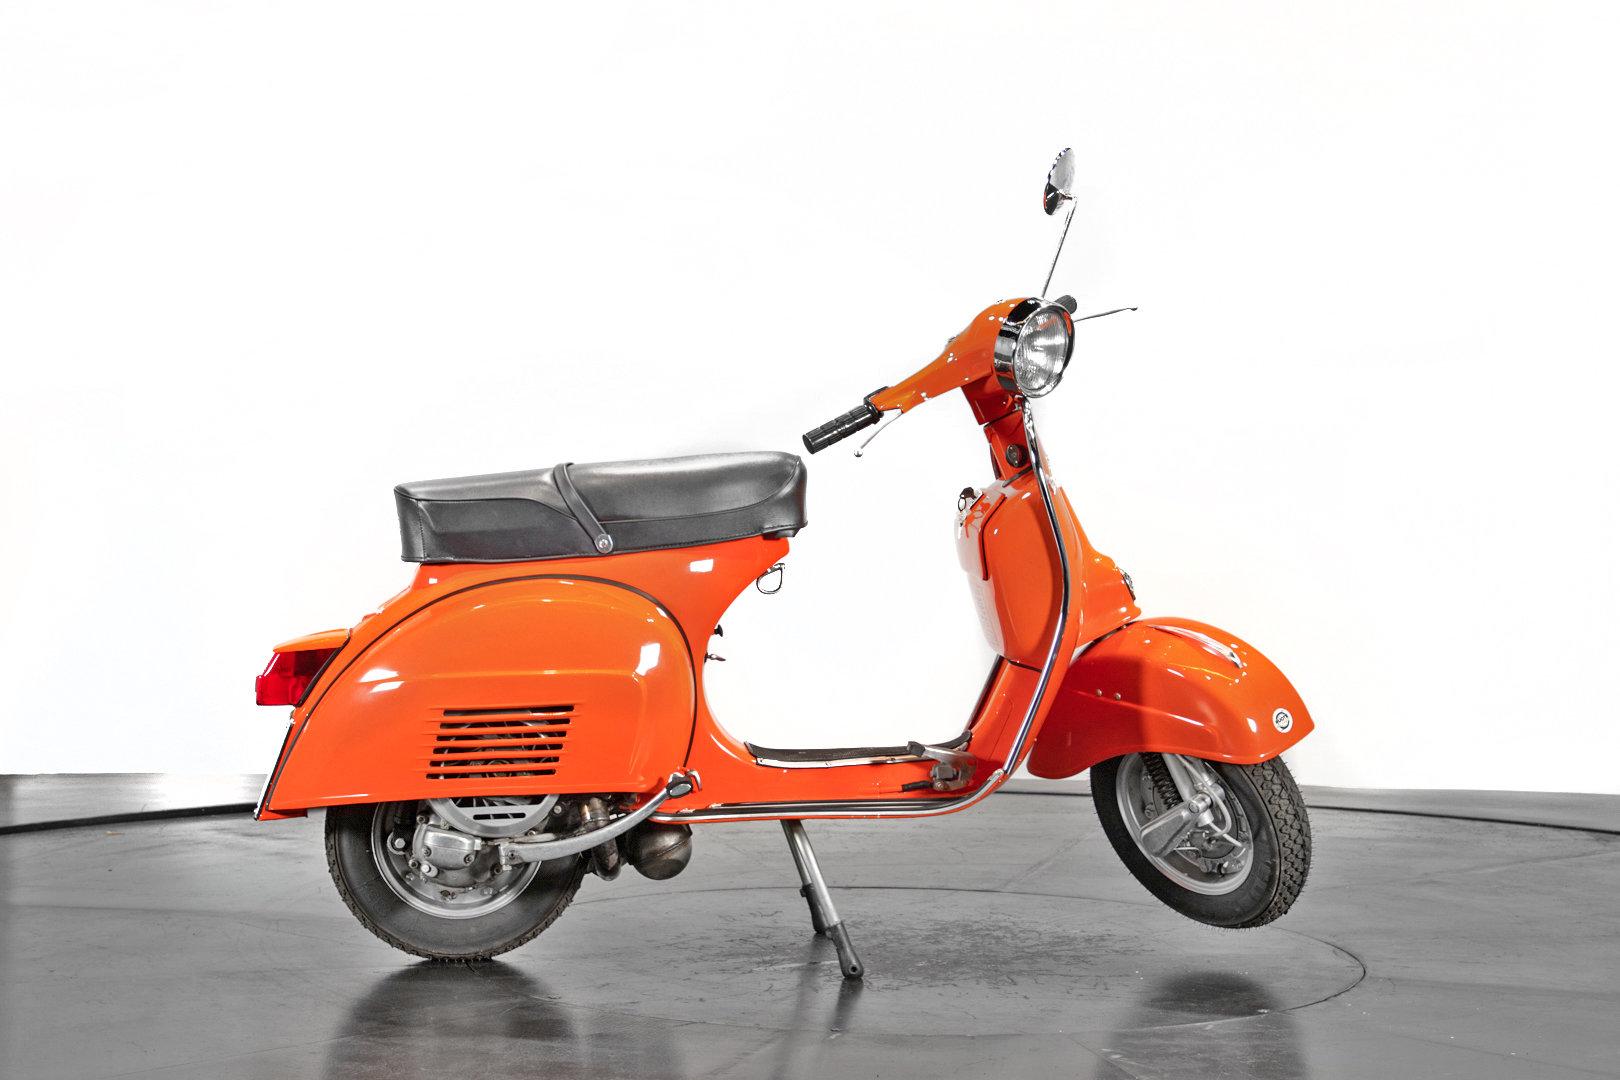 PIAGGIO - VESPA RALLY 180 - 1969 For Sale (picture 2 of 6)